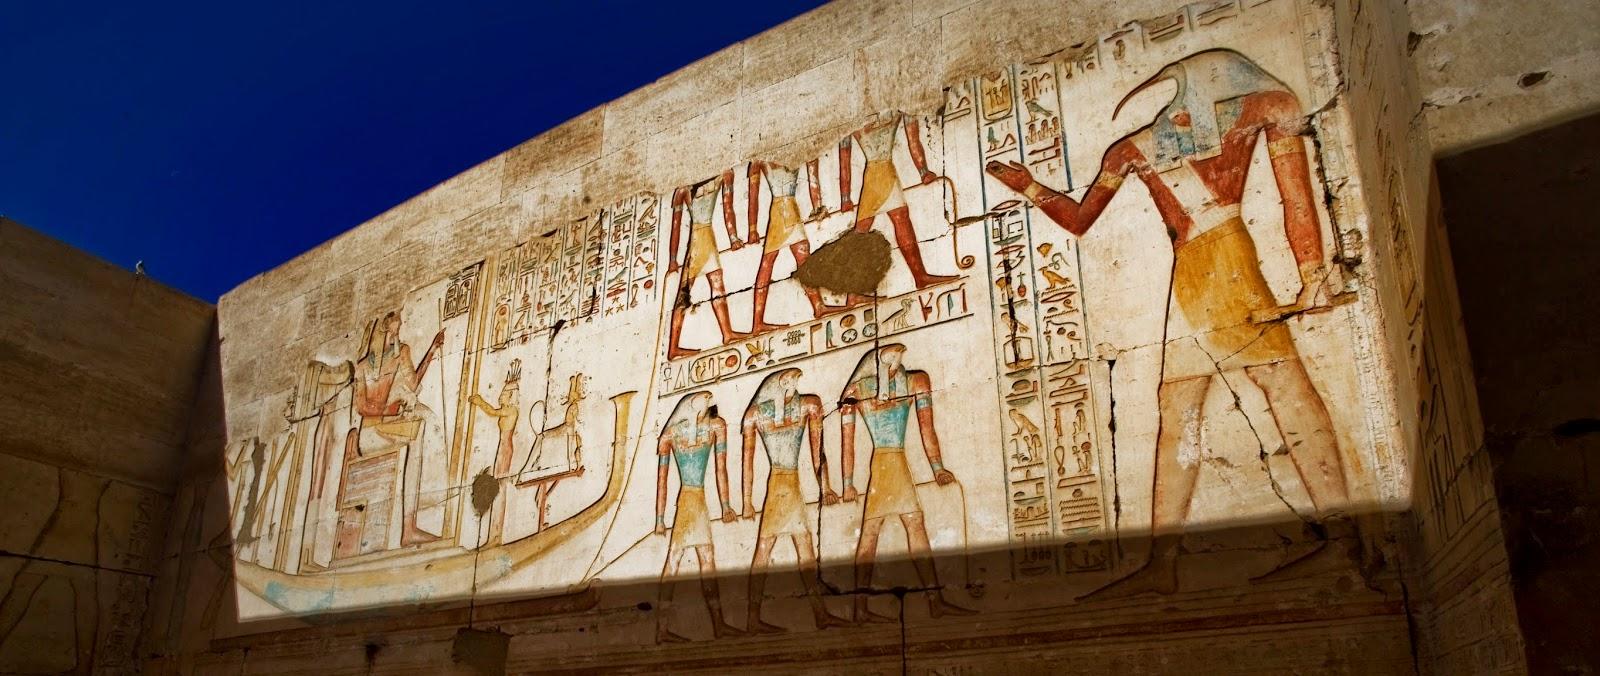 Aprender Viajando ...: Muerte y resurrección en Abydos: El ...